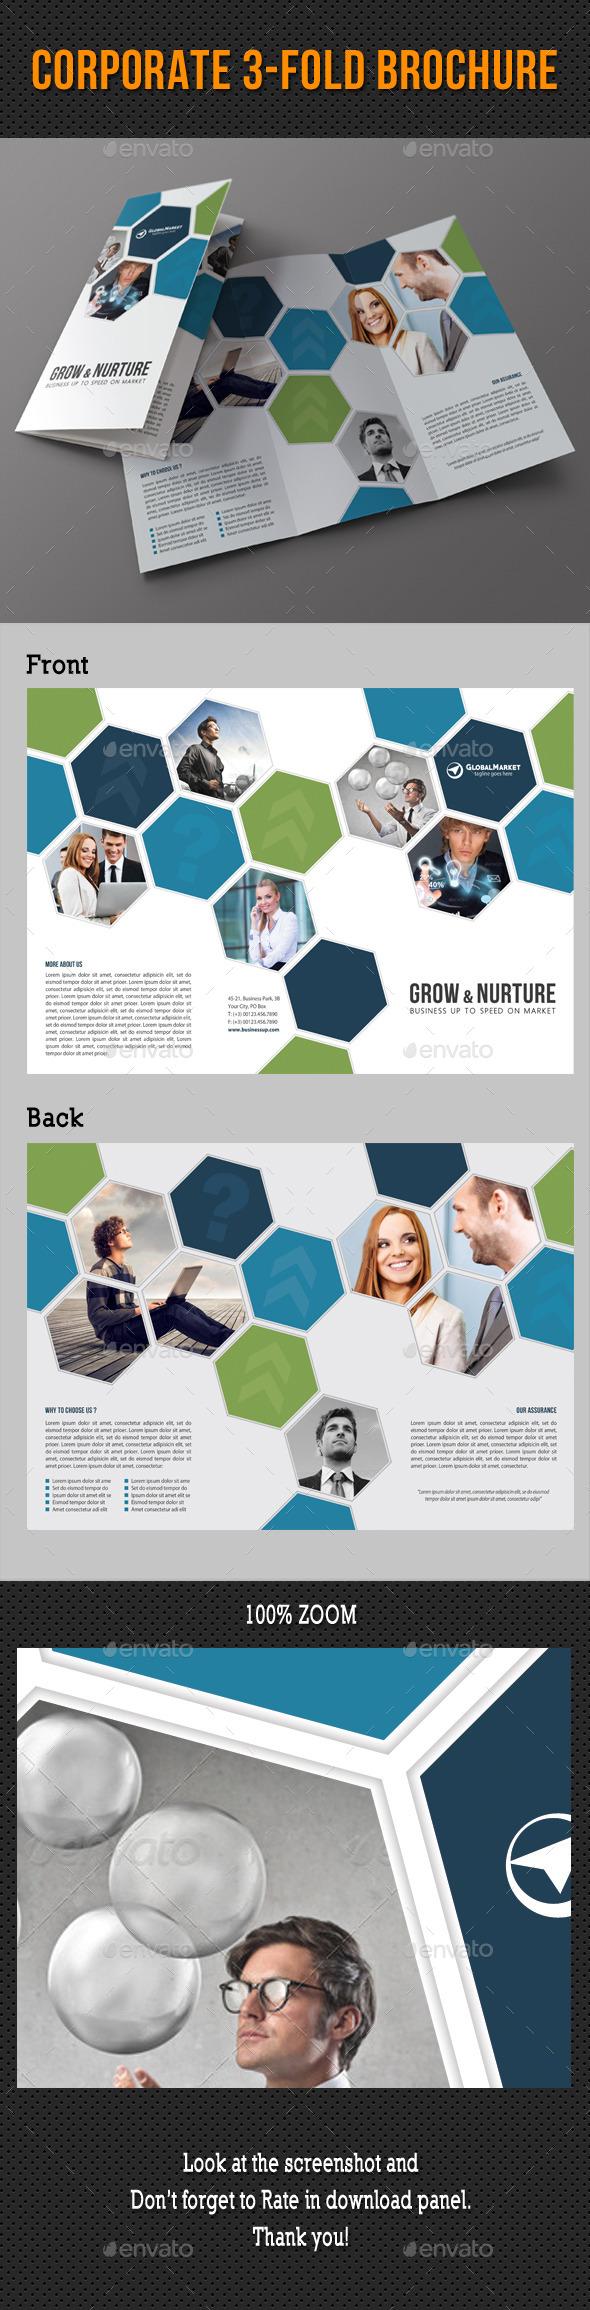 GraphicRiver Corporate 3-Fold Brochure 31 10941974